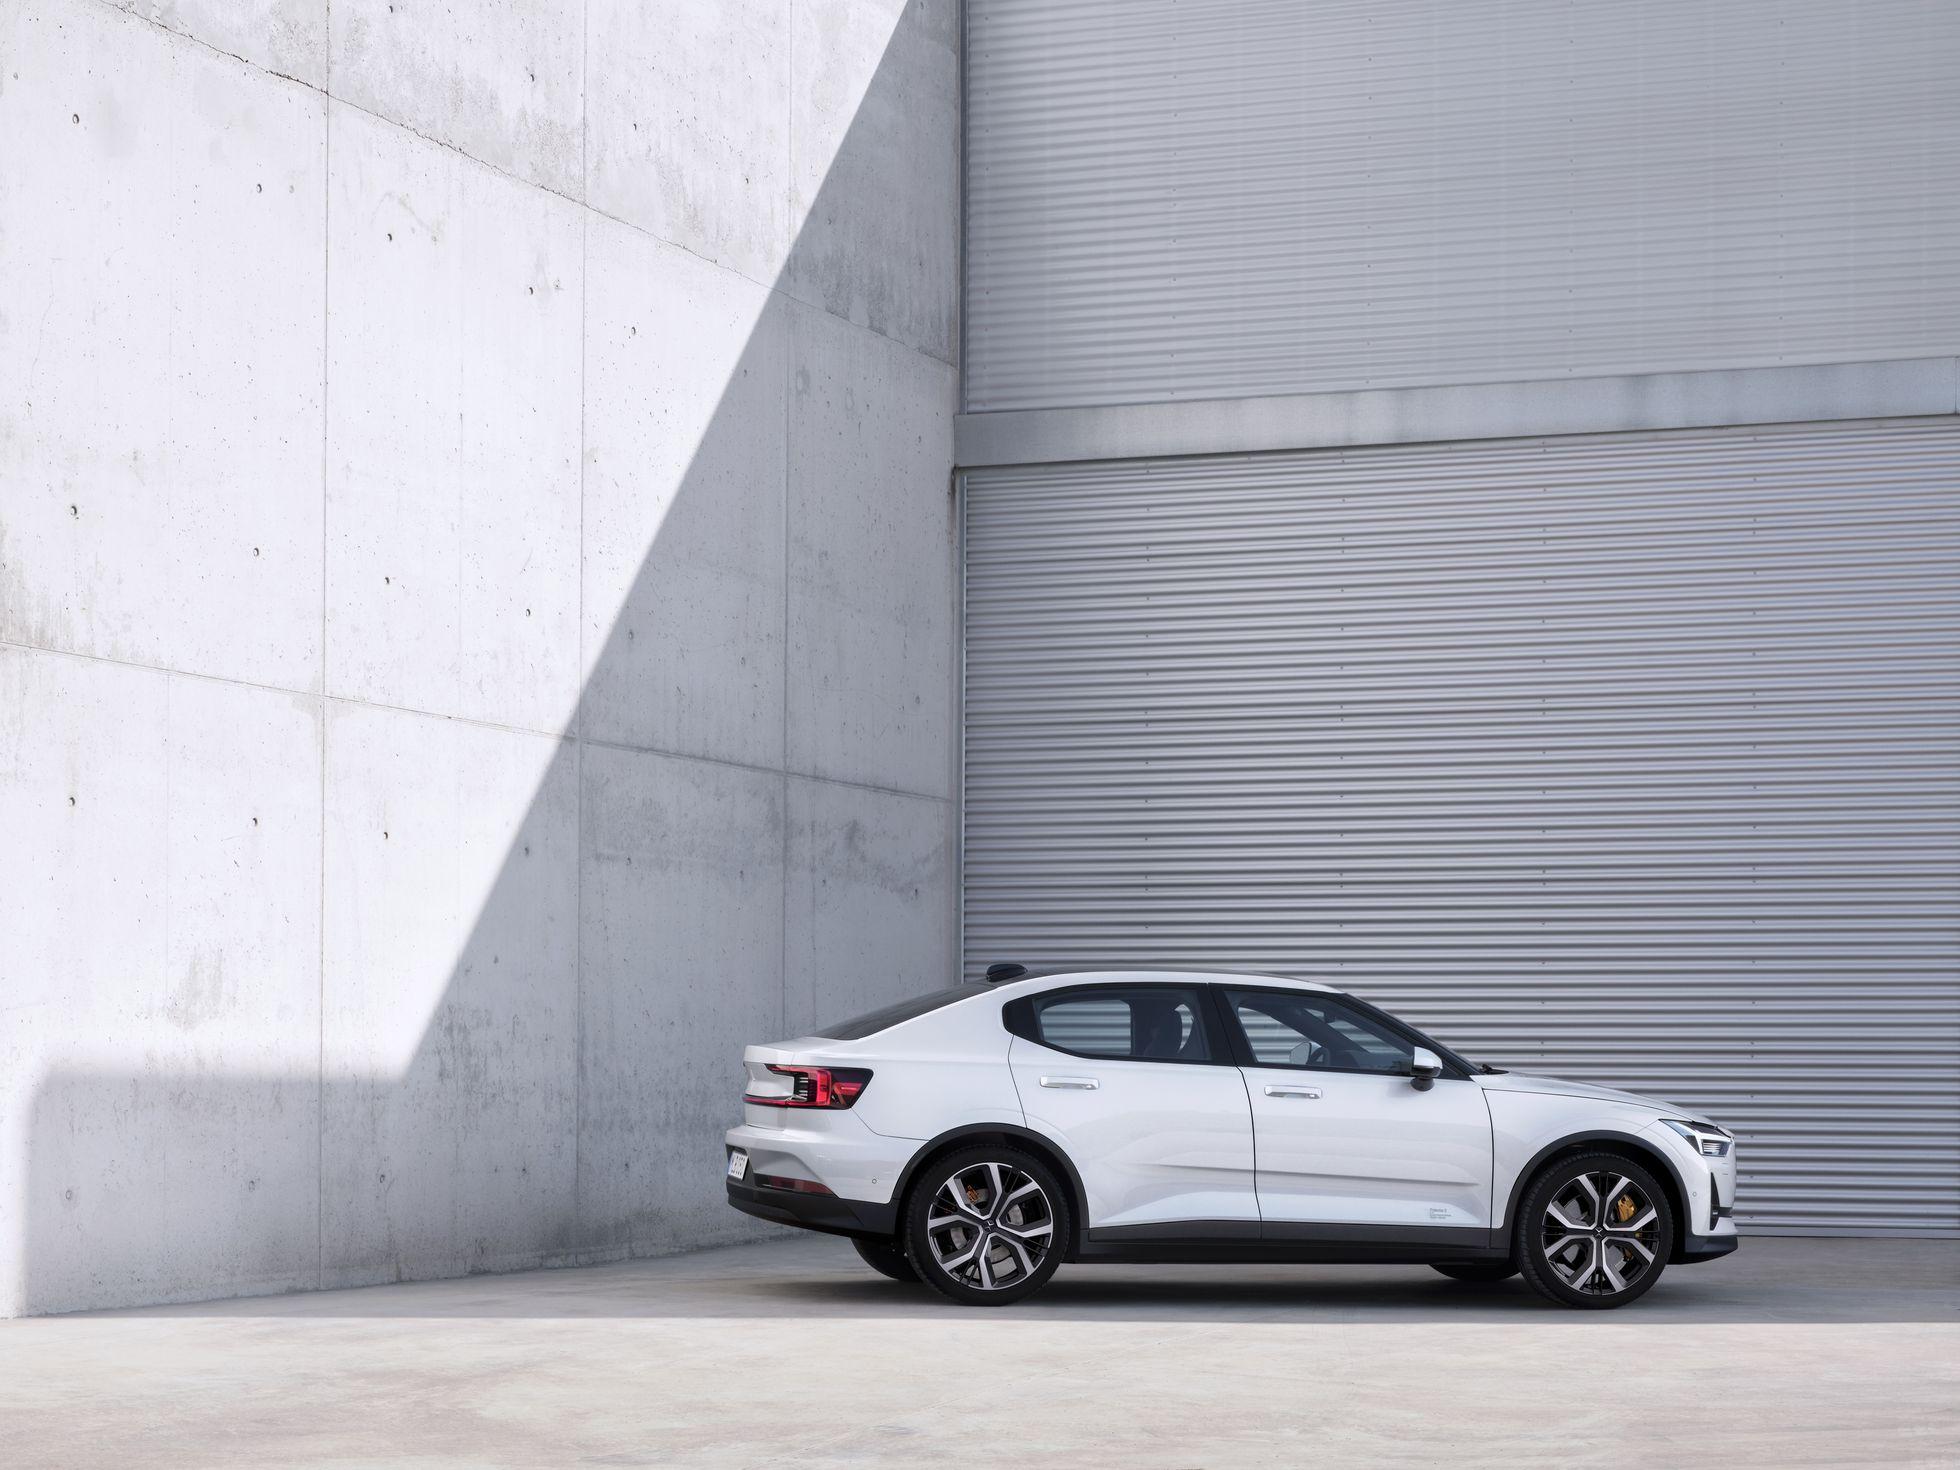 Polestar 2: Erster Elektro-Volvo kostet 40.000 Euro - Der Polestar 2 ist Volvos erste elektrisches Serienfahrzeug. (Bild: Volvo)